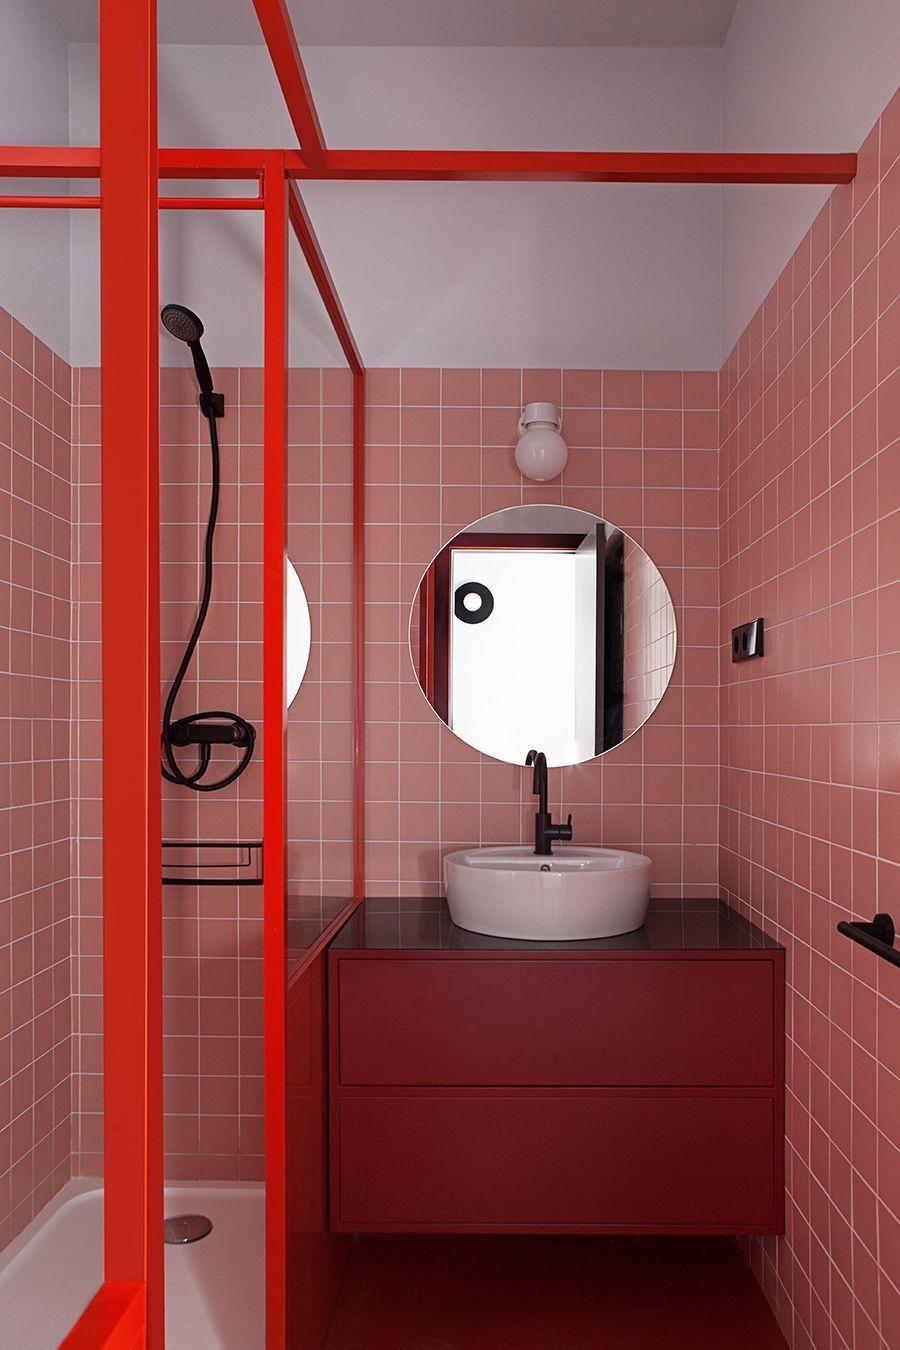 Innenarchitektur wohnzimmer grundrisse plutarcodesigned bathrooms  living  pinterest  badezimmer bad